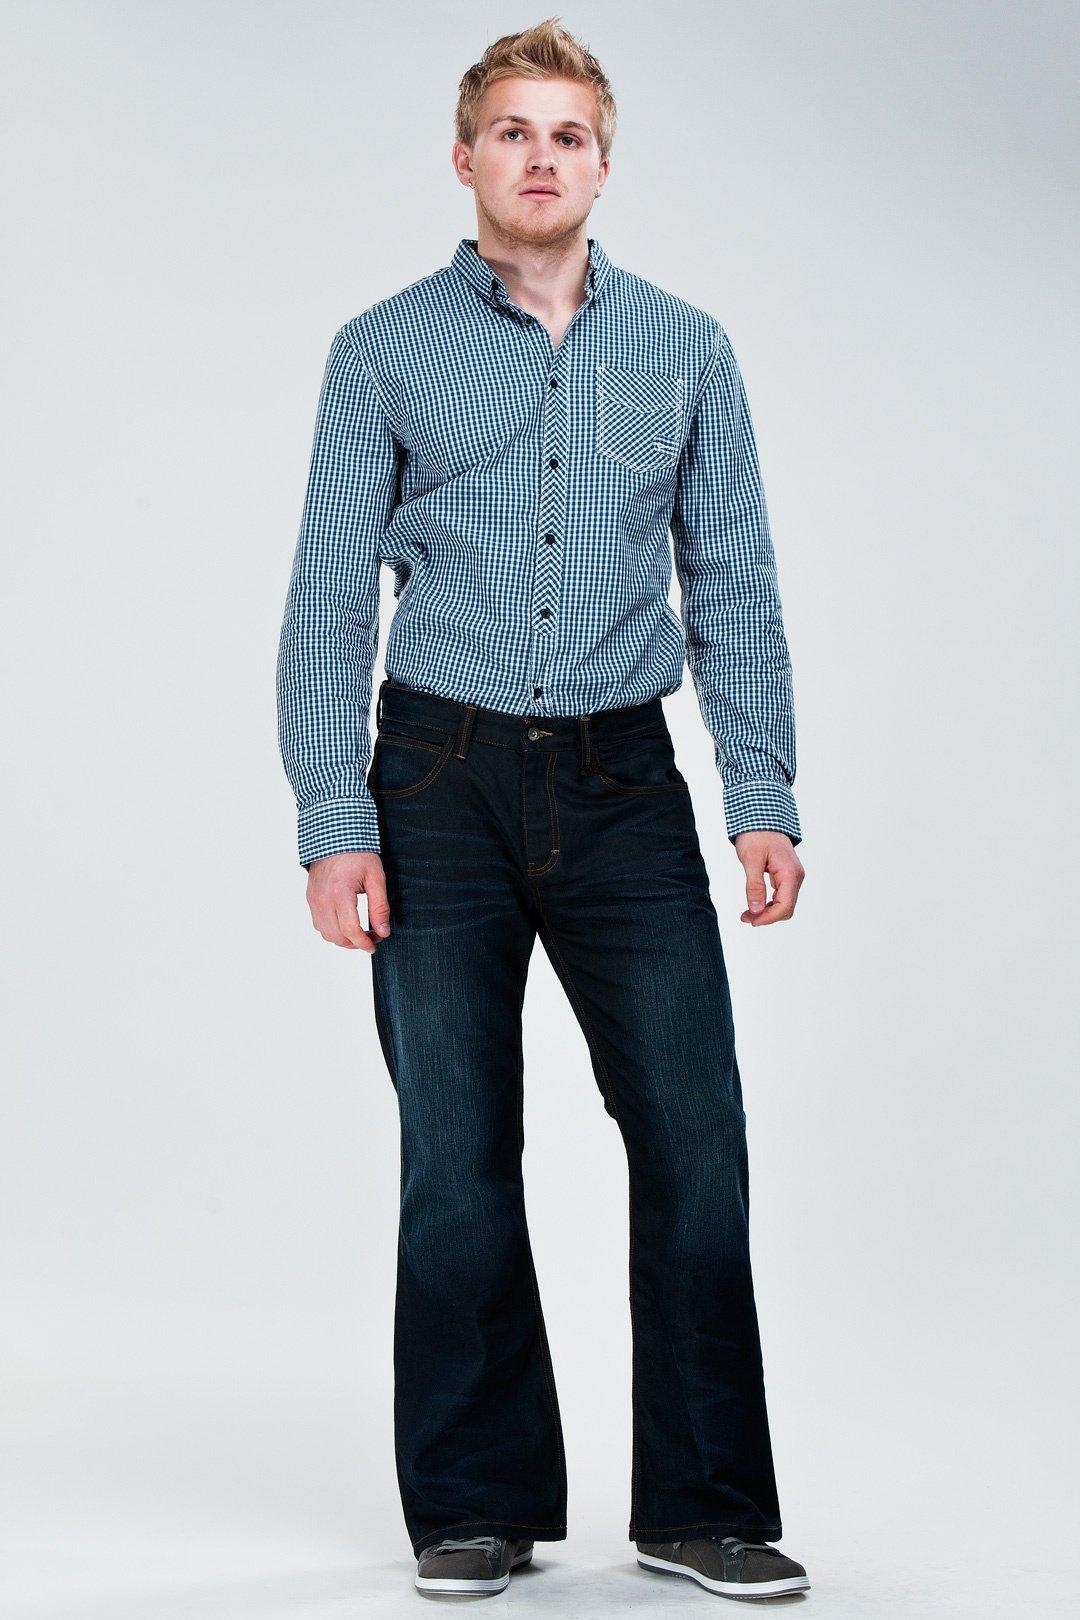 Джинсы детские воронеж детские джинсы оптом в воронеже